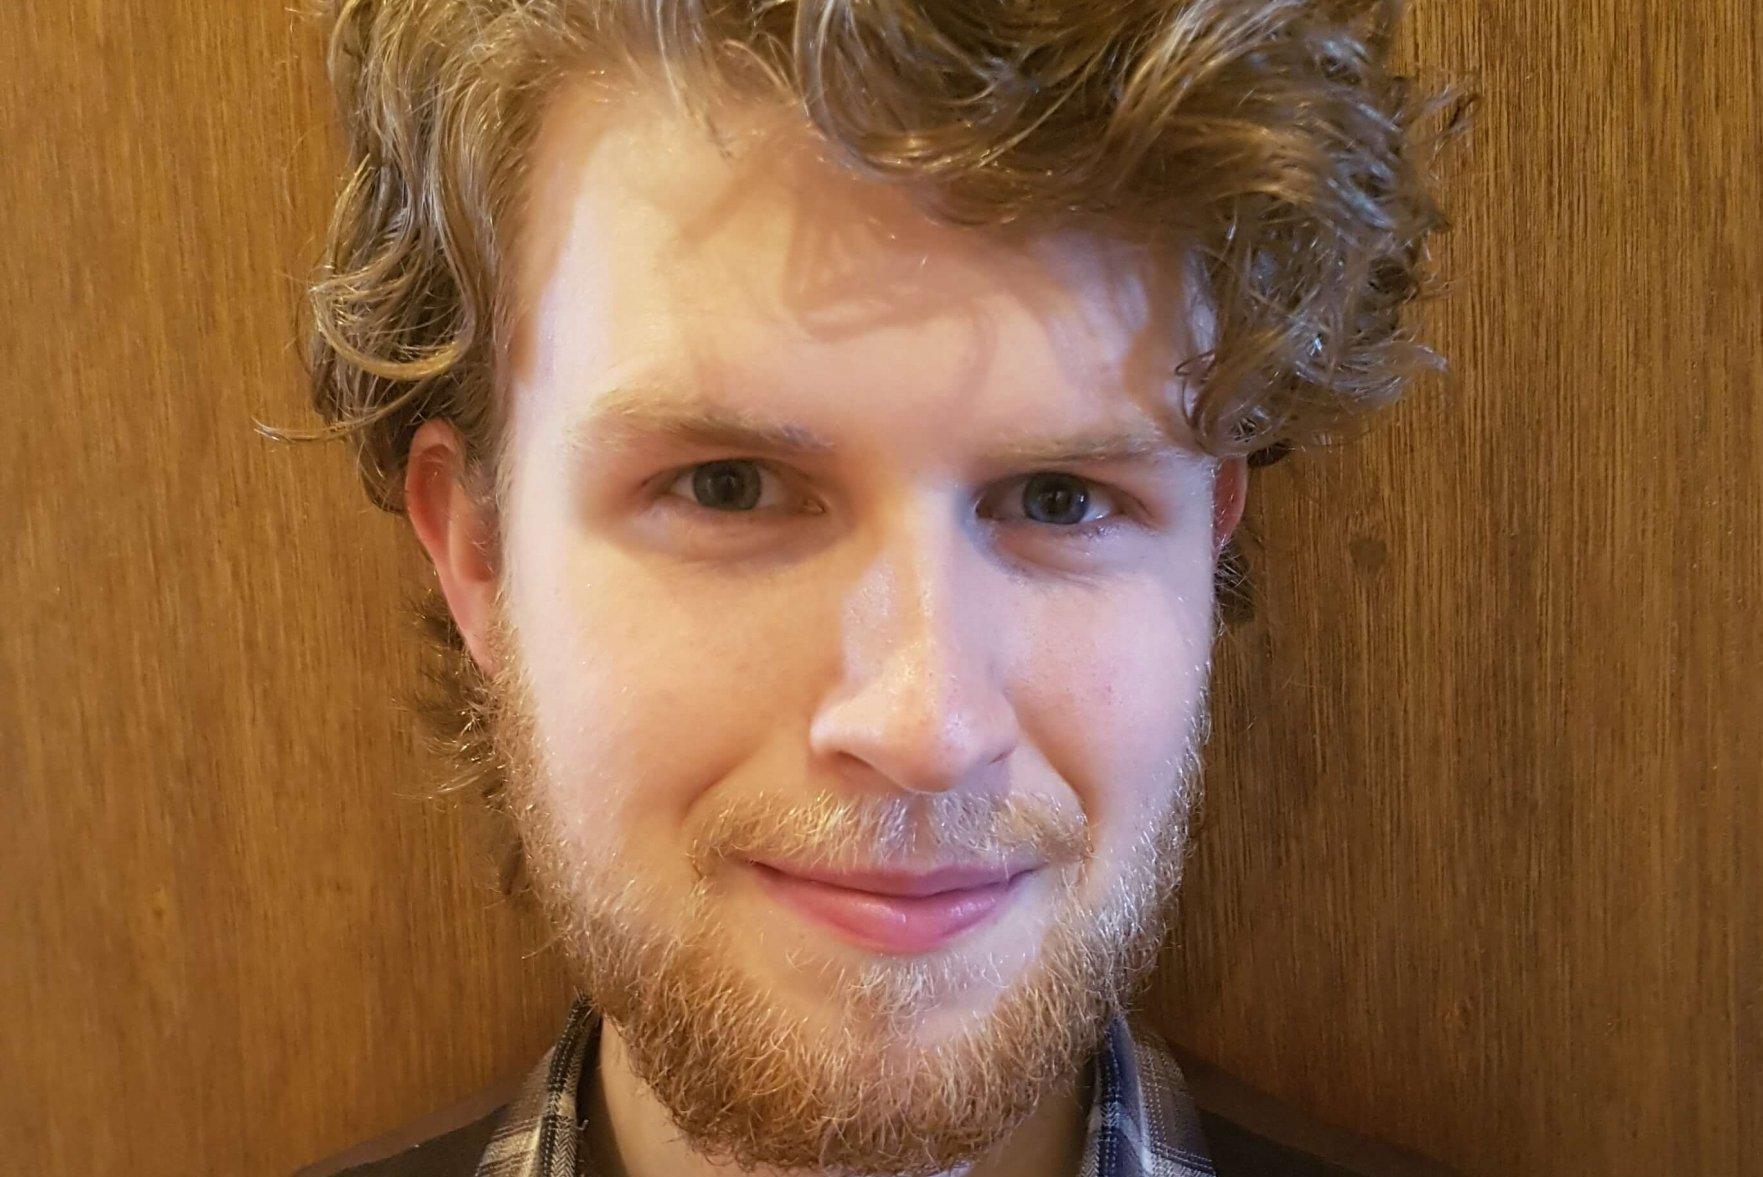 Fergus Munro